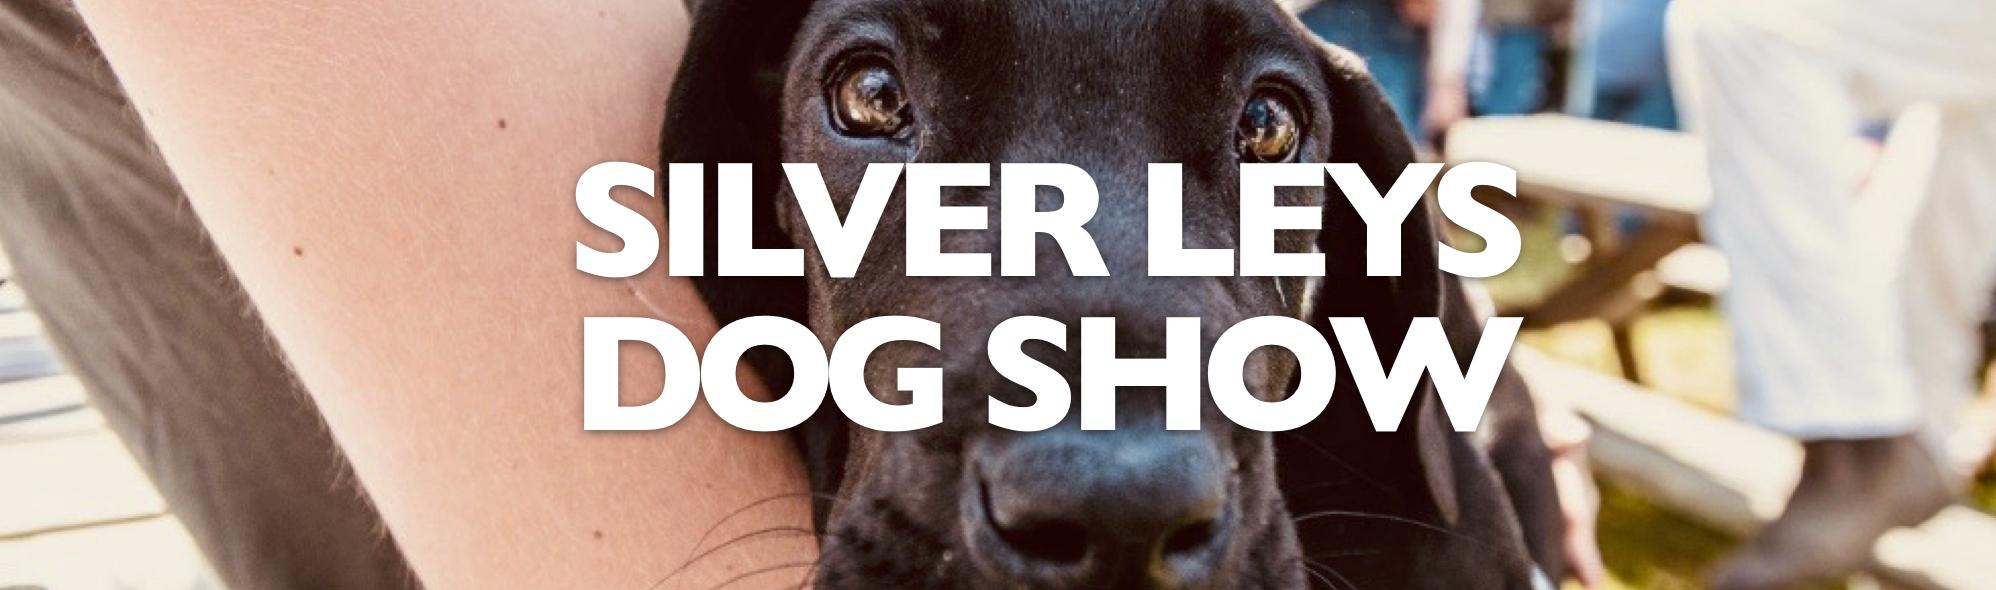 Dog Show Banner JPEG.jpg